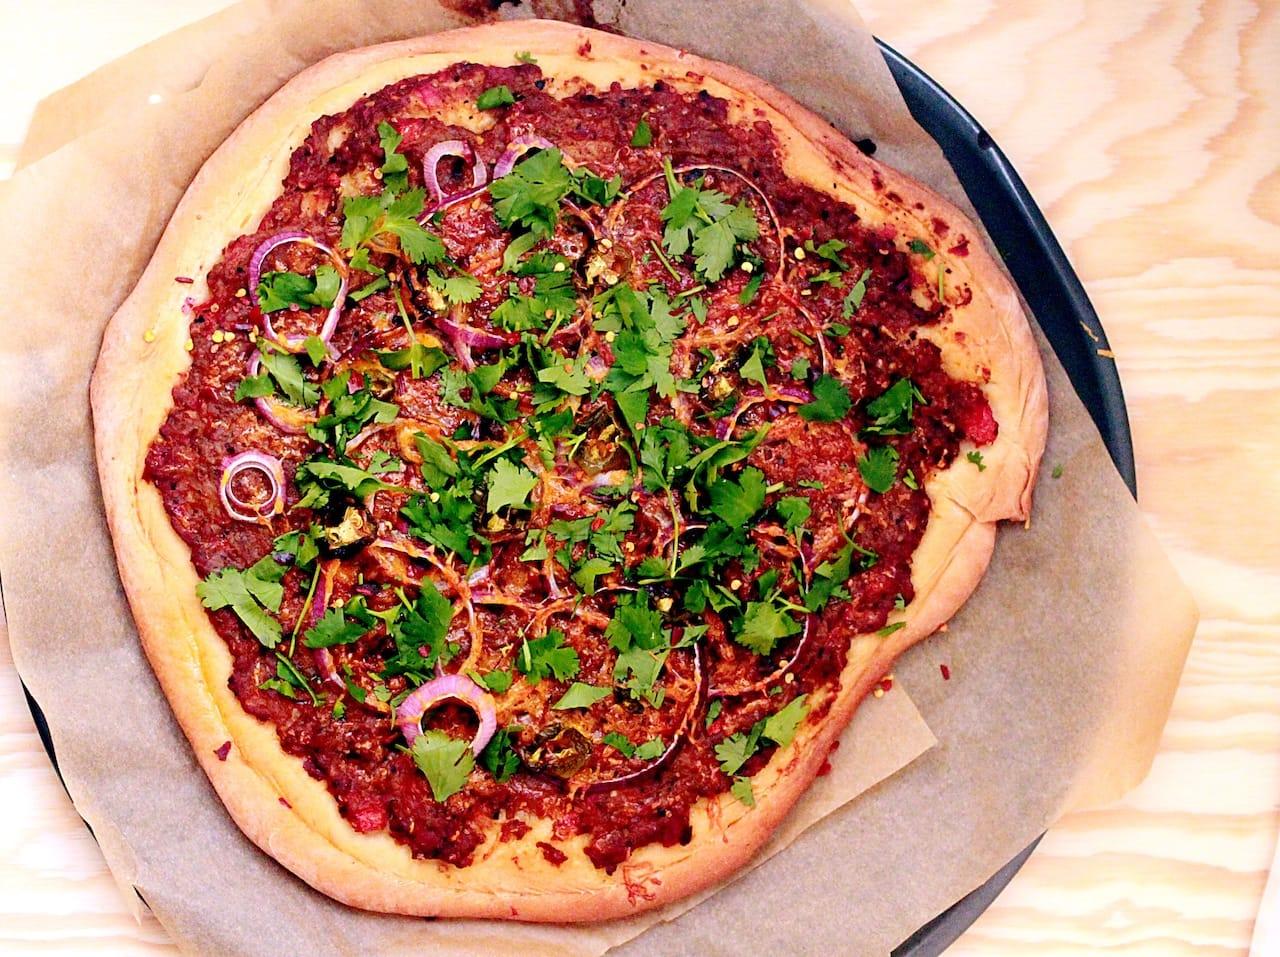 baigan bharta pizza 2